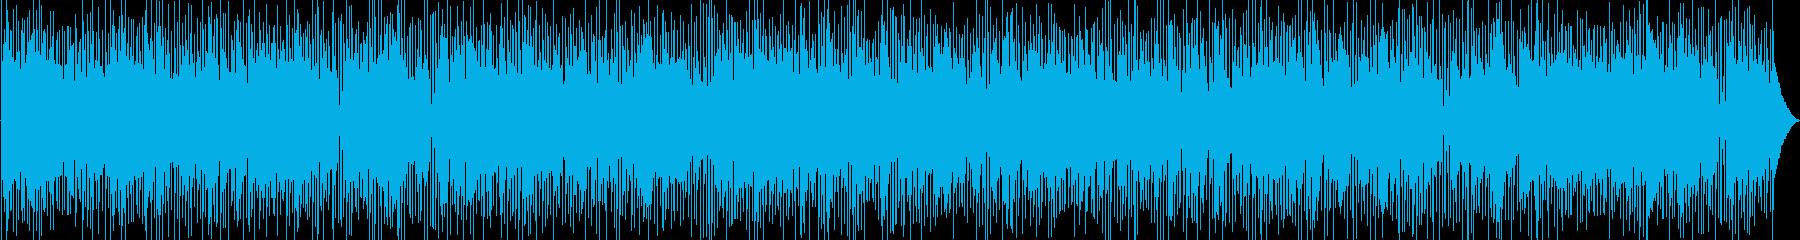 おしゃれで都会的なエレピのスムースジャズの再生済みの波形